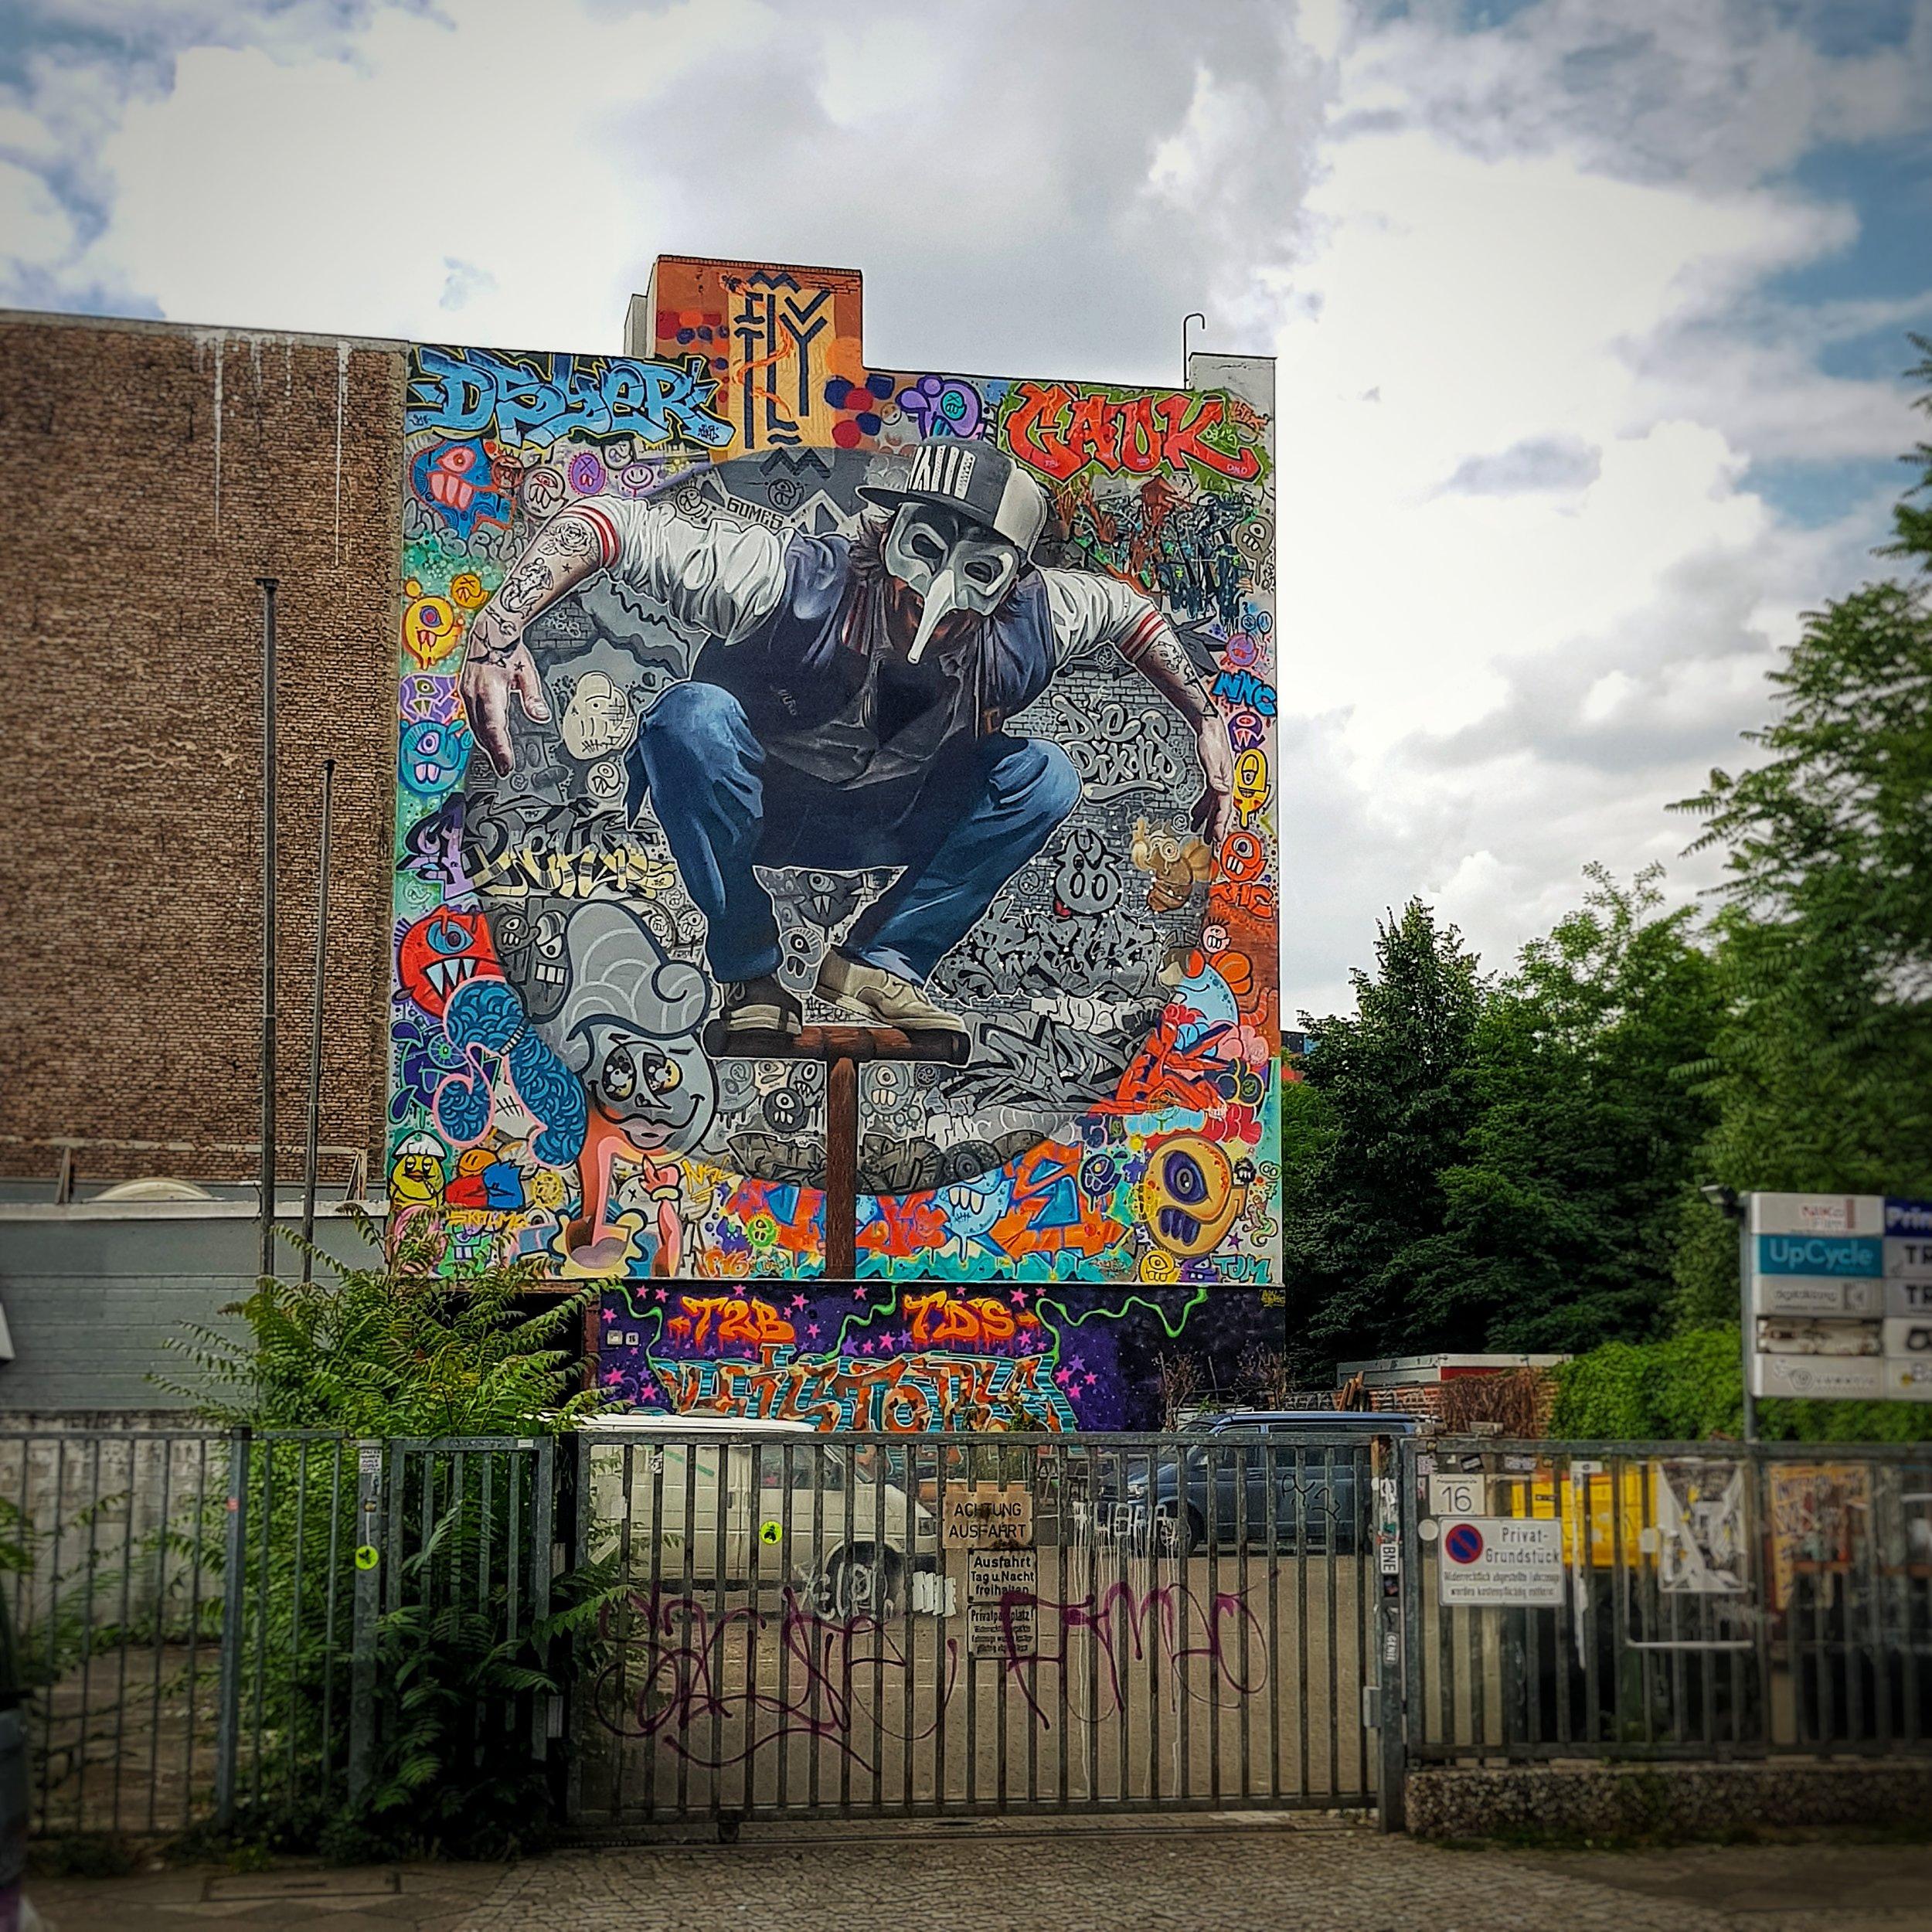 Day 167 - June 16: Graffiti in Kreuzberg